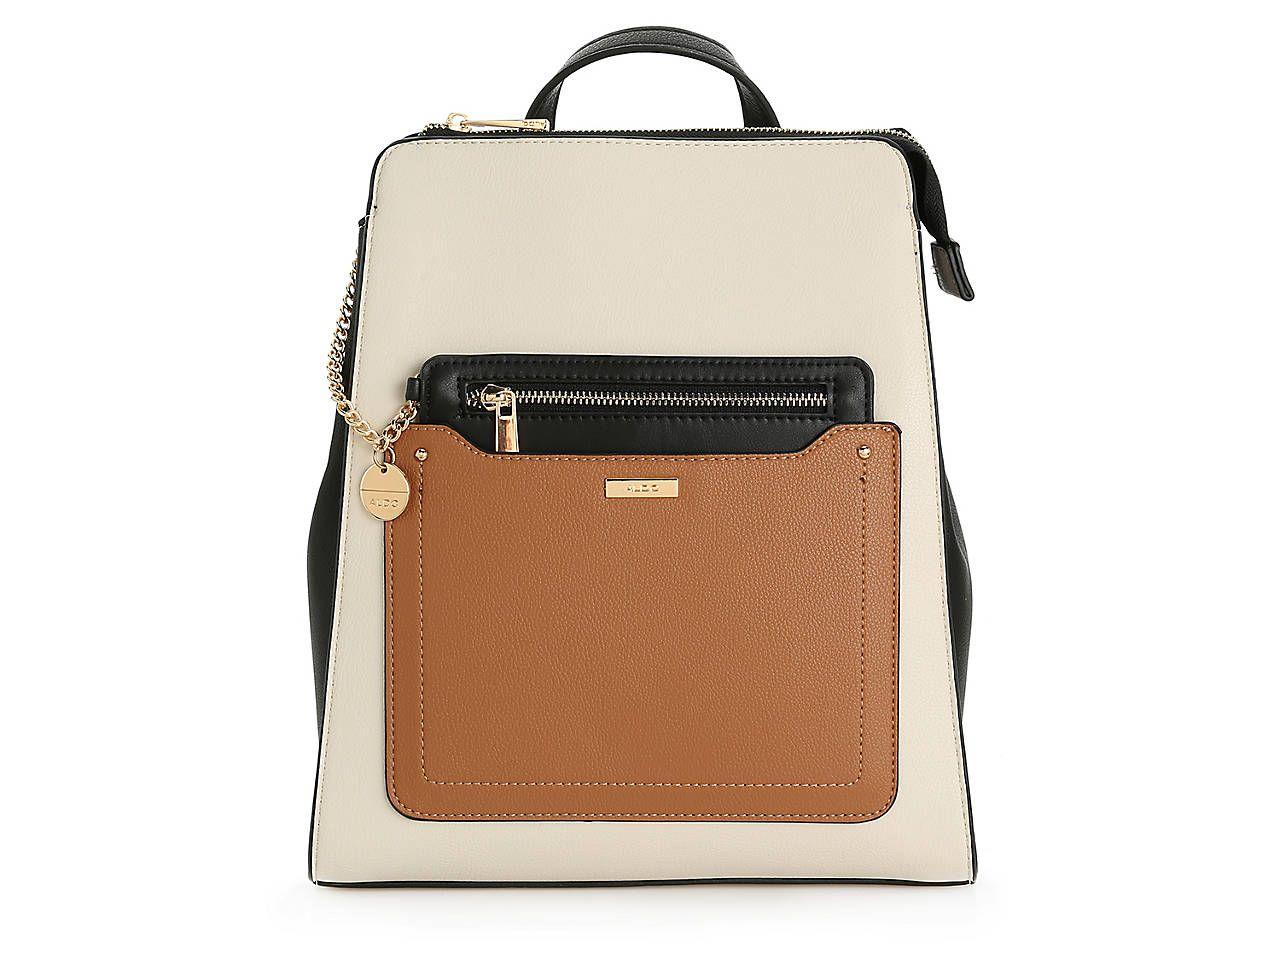 Aldo Portwine Backpack Women's Handbags & Accessories | DSW